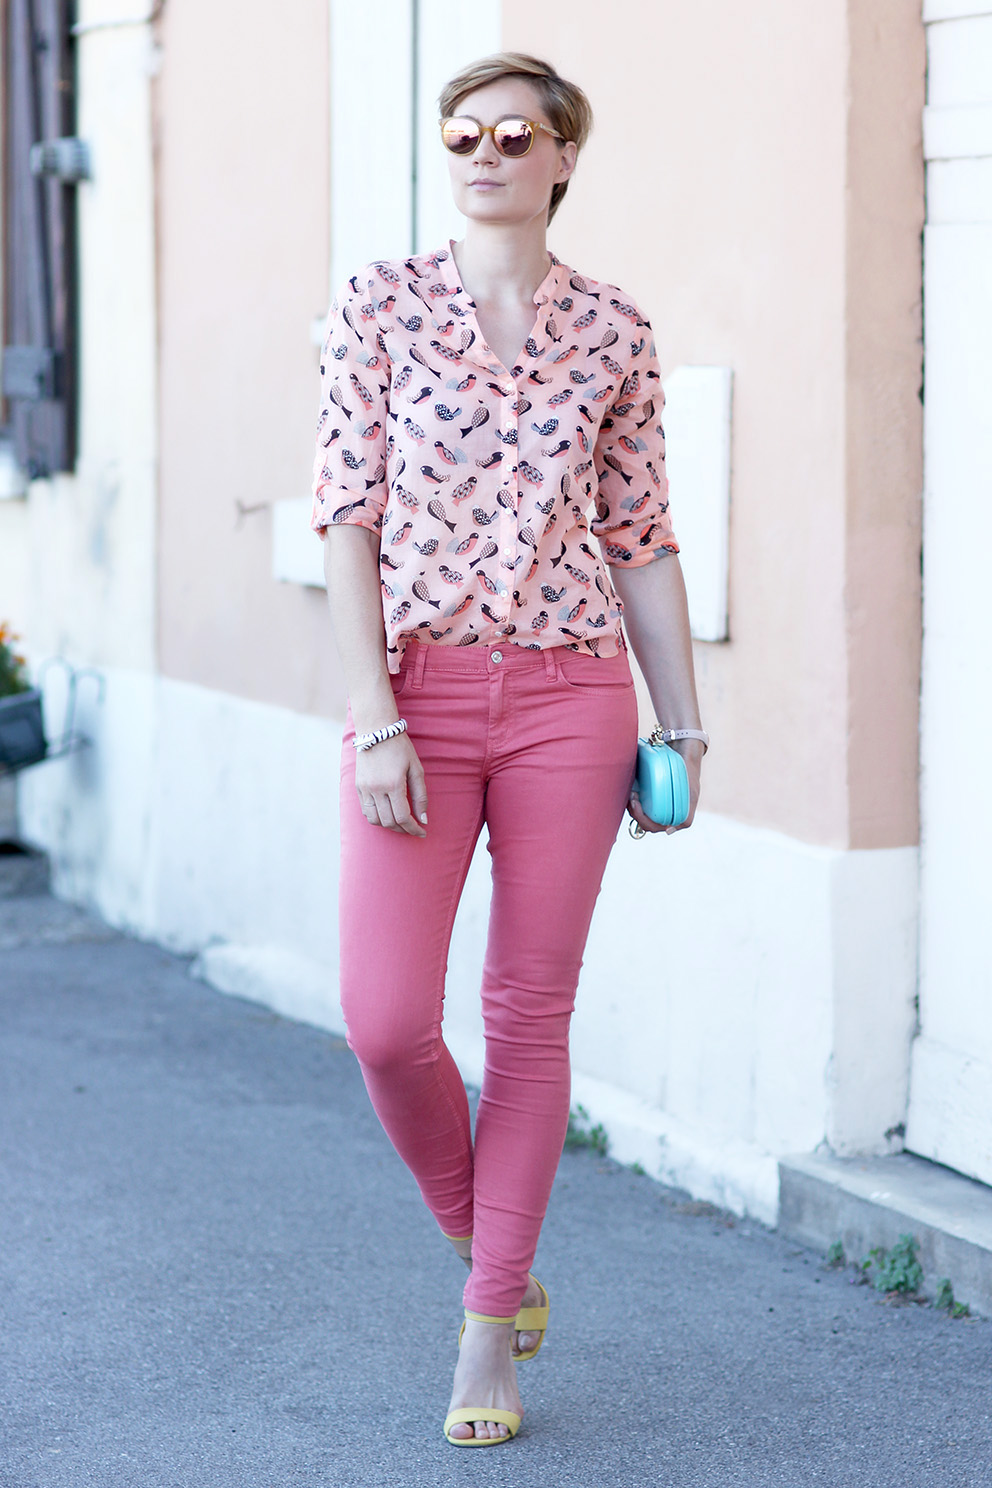 comment porter le jean rose Artlex